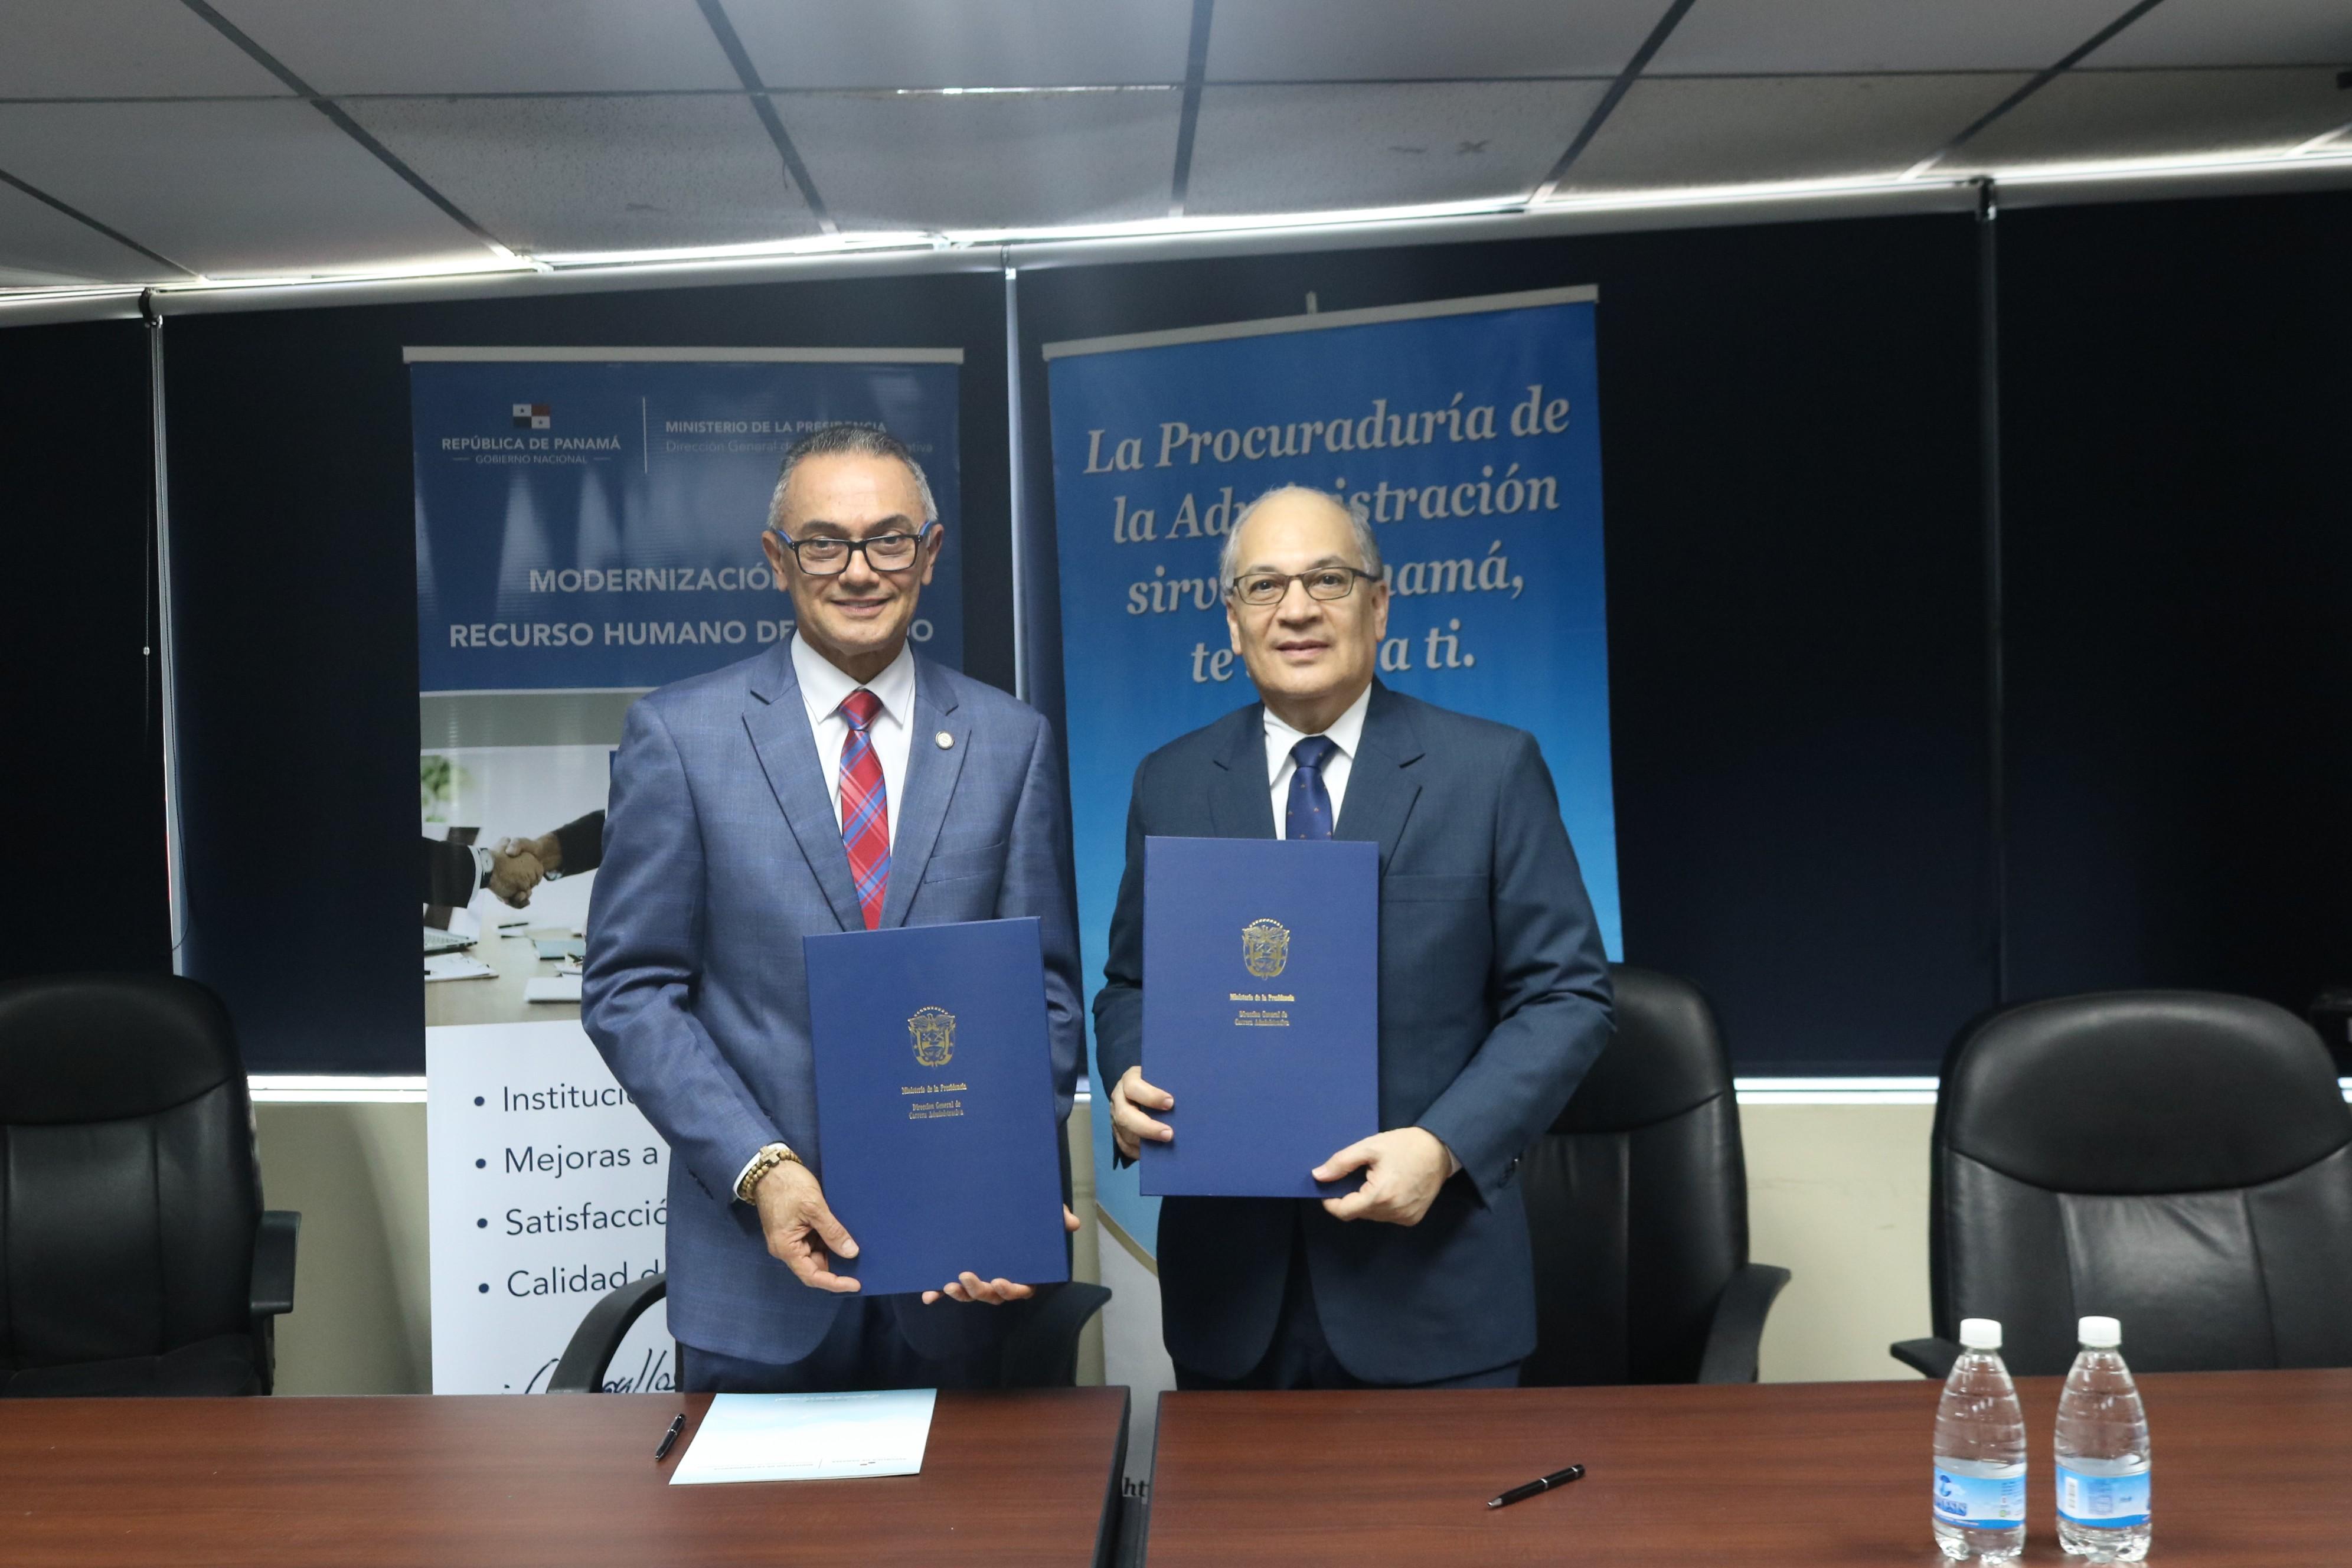 Procuraduría de la Administración y DIGECA suscriben convenio marco de cooperación interinstitucional